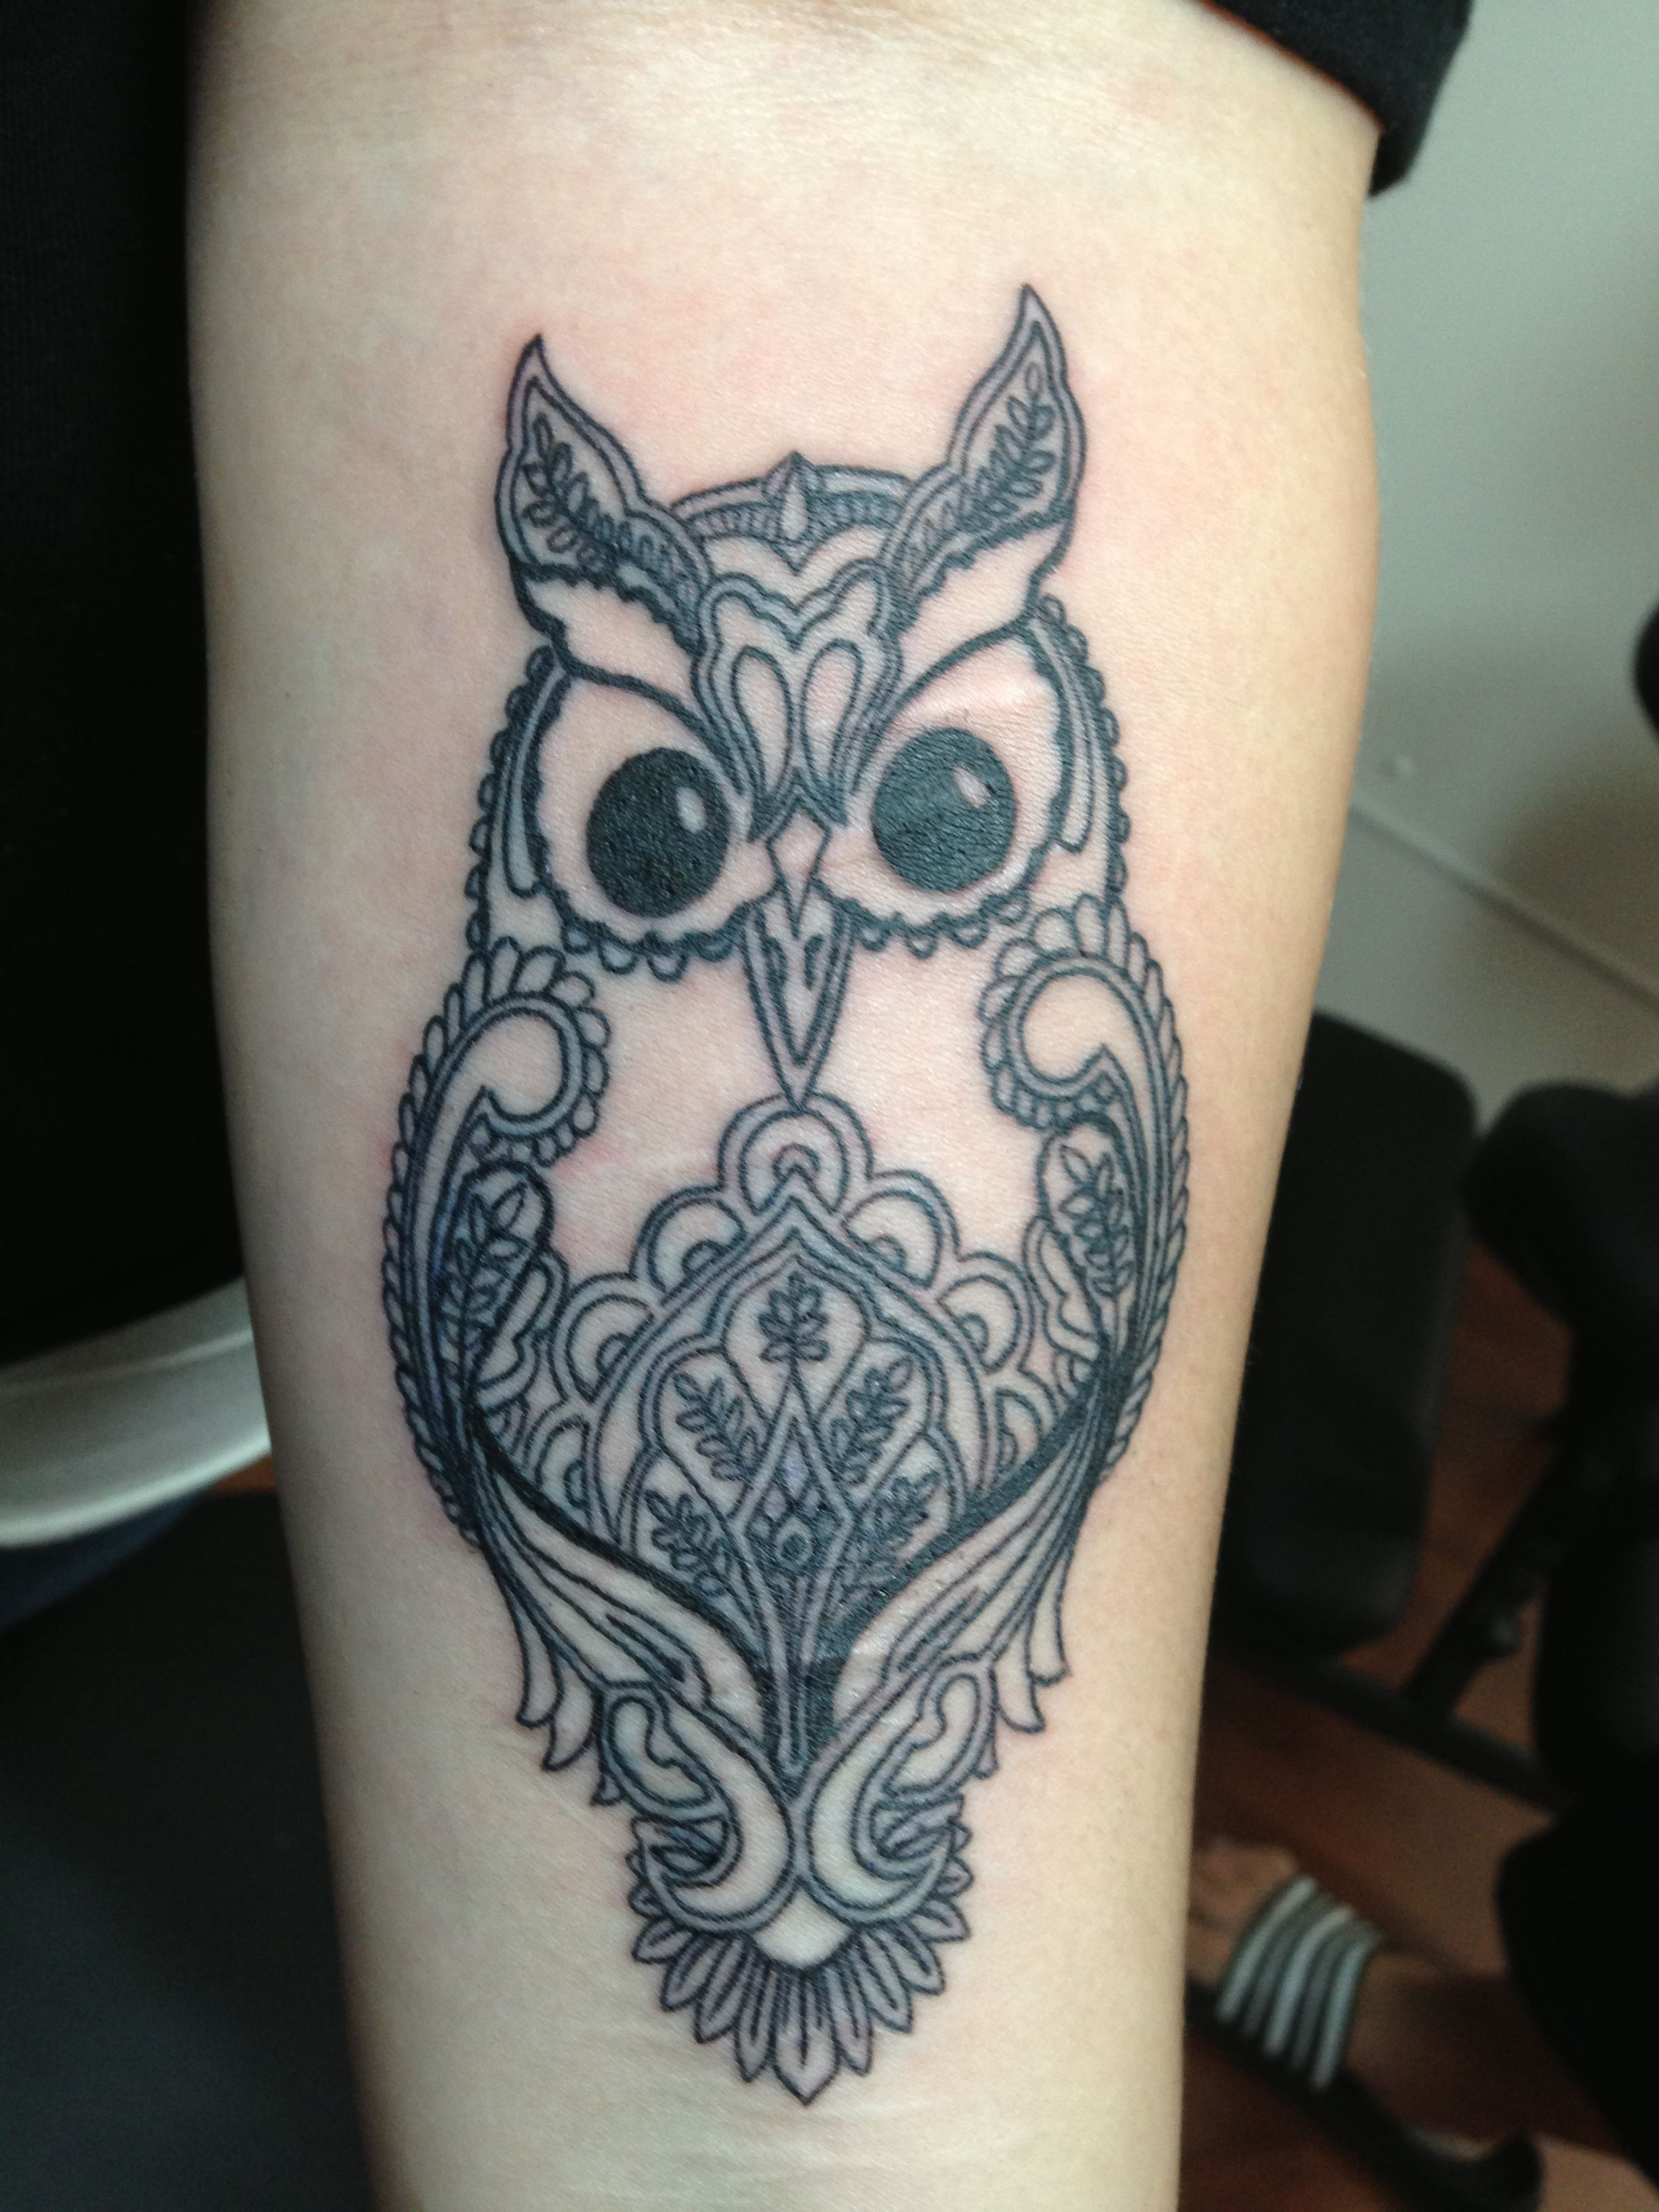 Mehndi Style Owl Tattoosbywojo Tattoos Tattoo Wojo Owl Tattoos Mehndi Tattoo Tattoo Designs